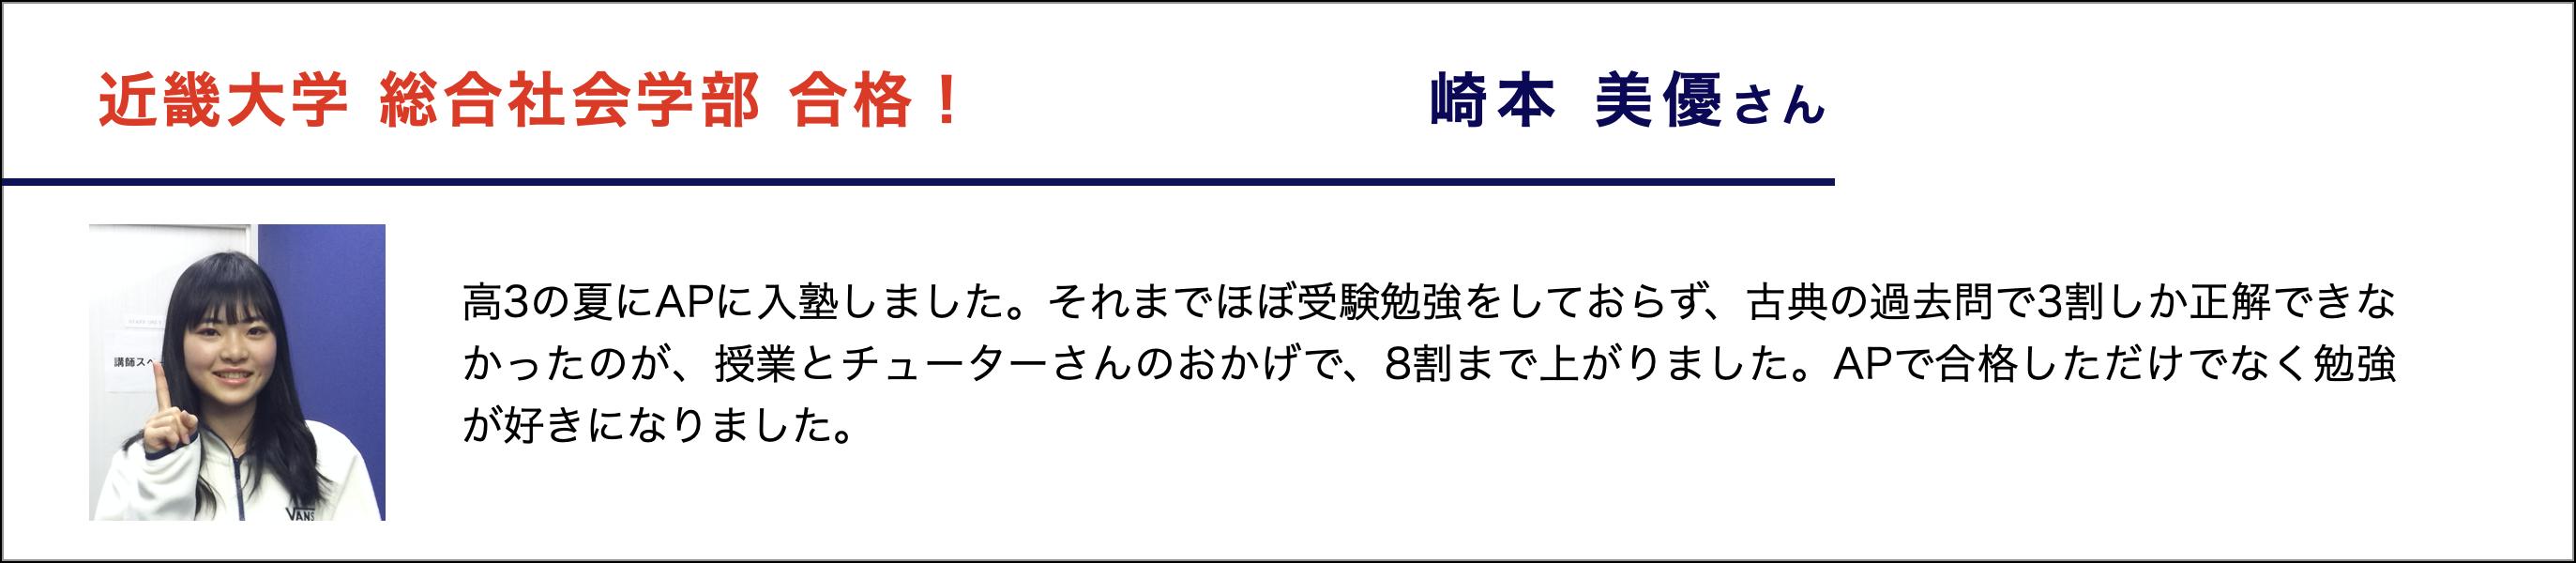 崎本 美優さん